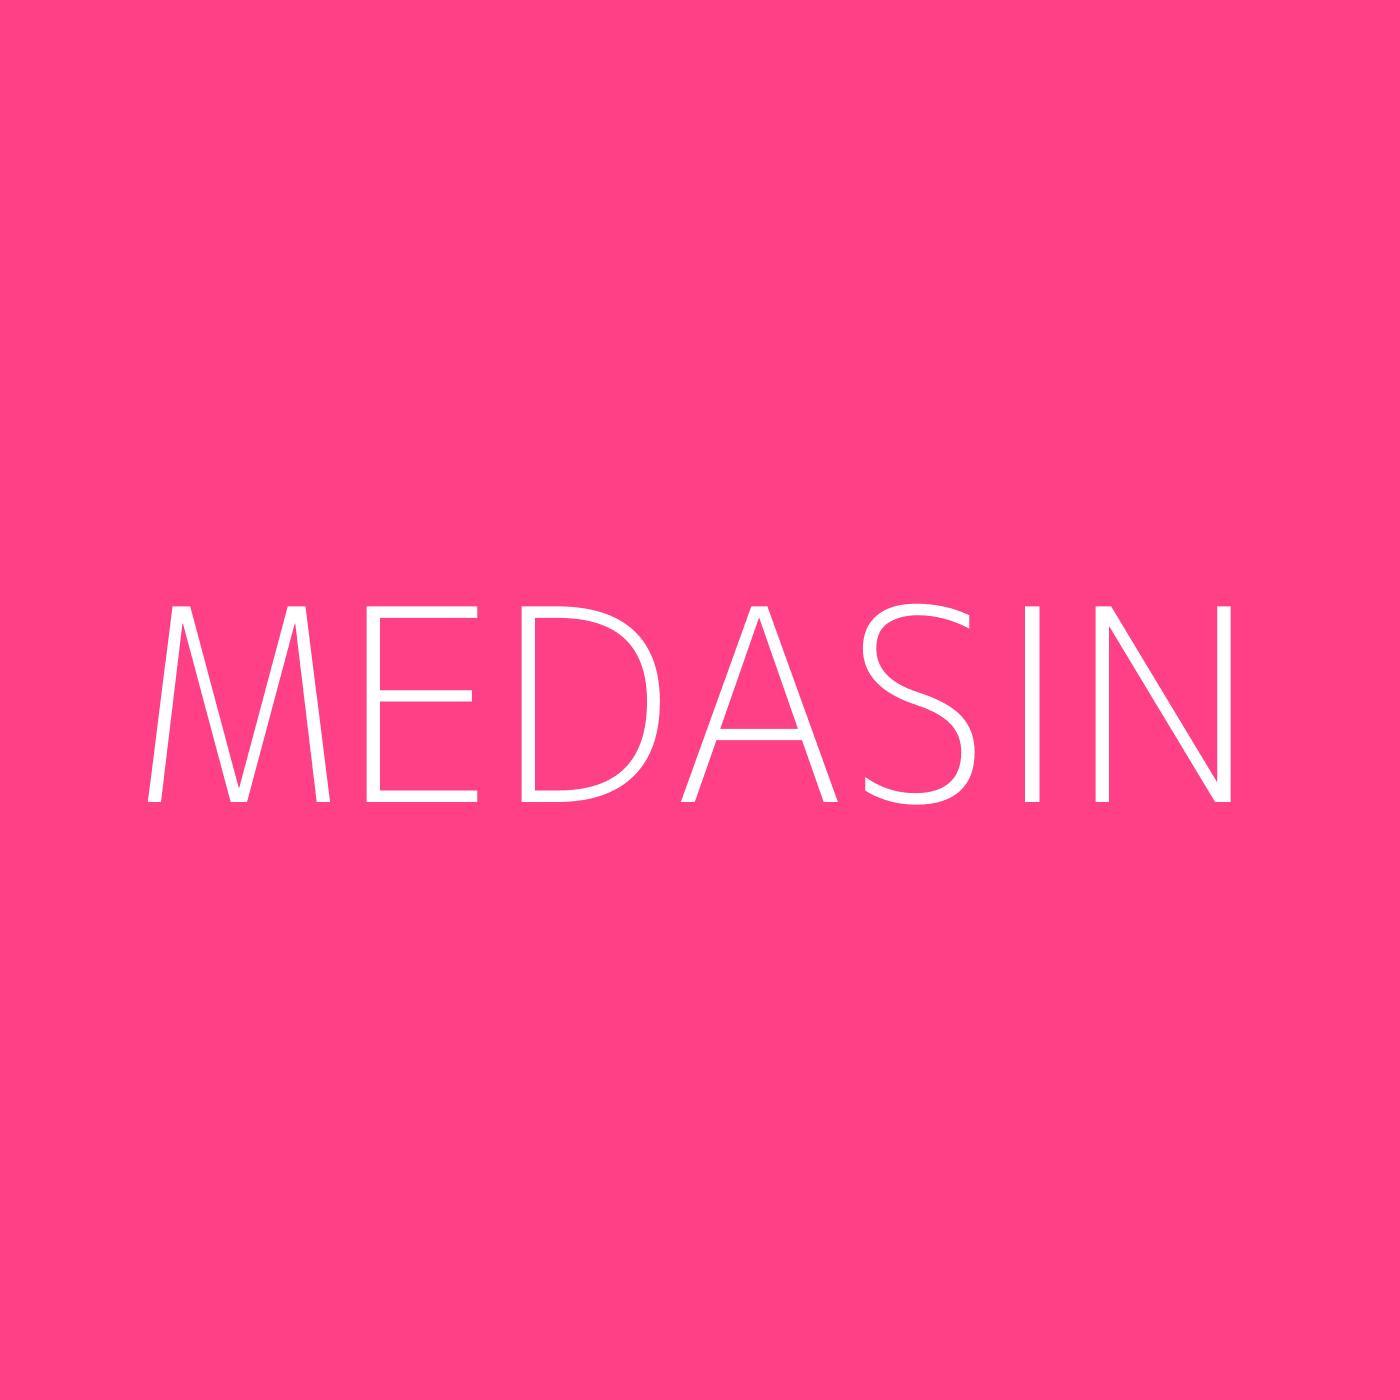 Medasin Playlist Artwork